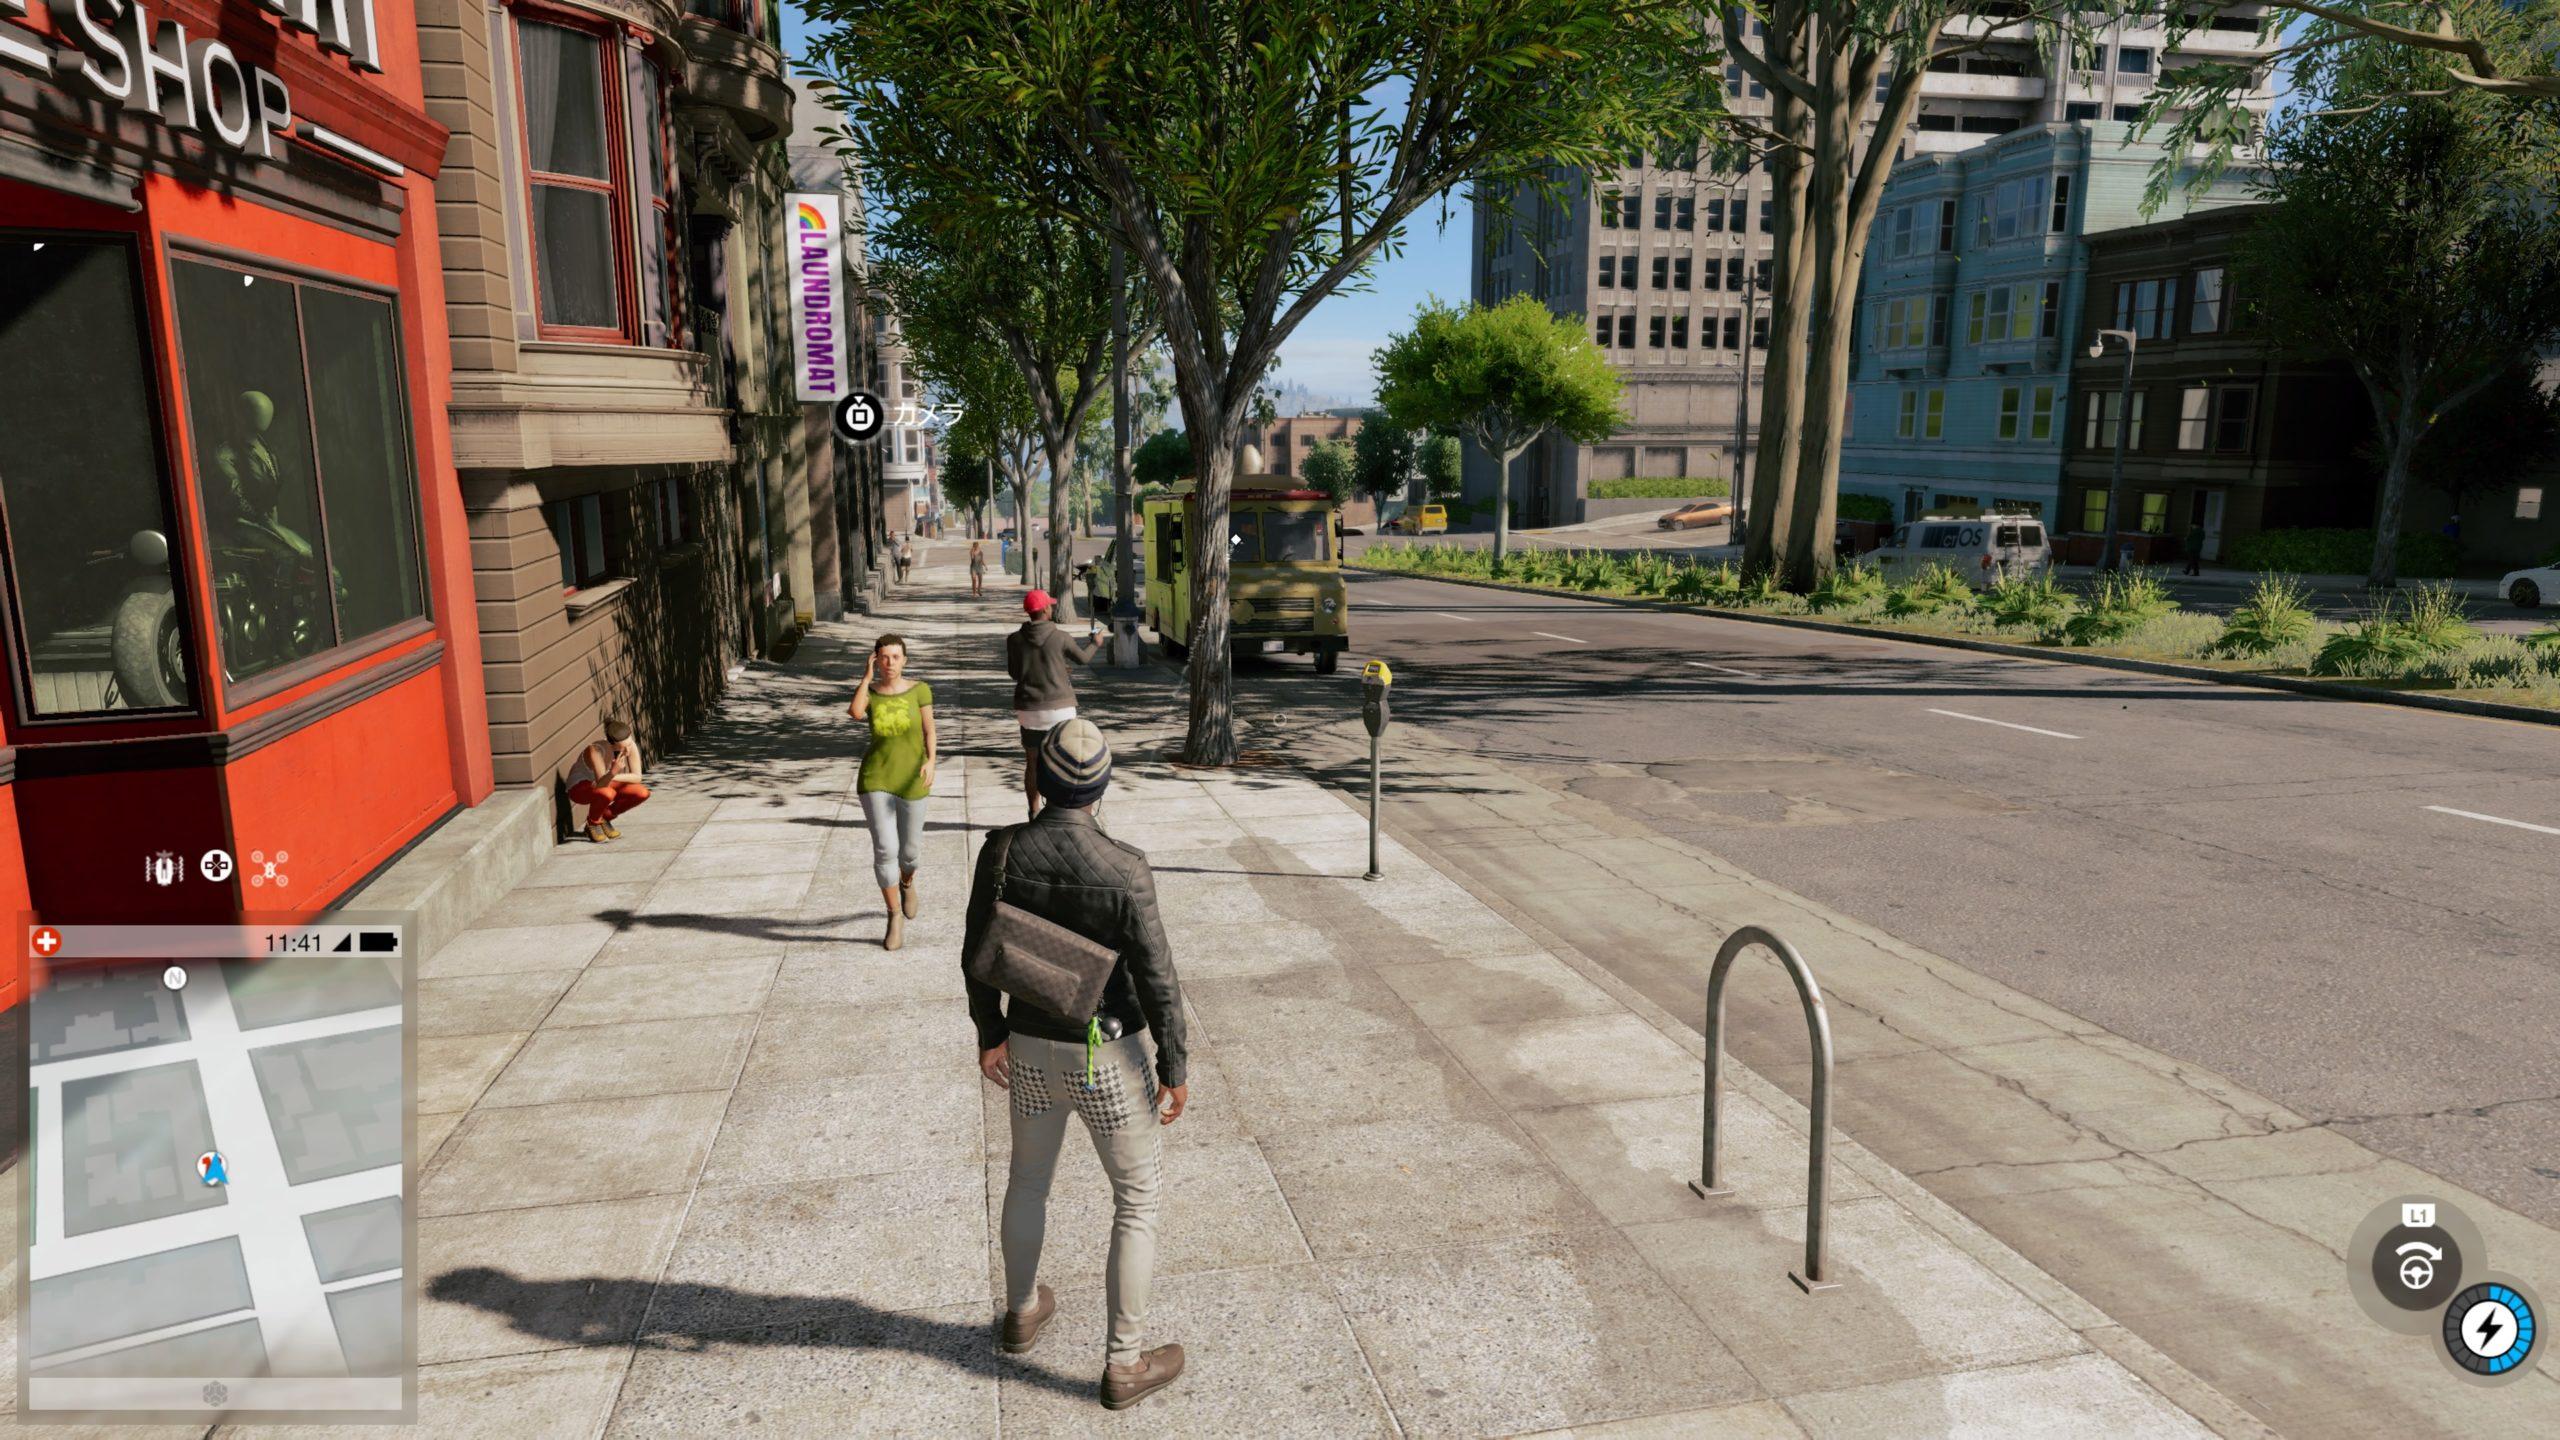 【ウォッチドッグス2】ハッキングで町を混乱させろ!【オープンワールドアクション】【レビュー】